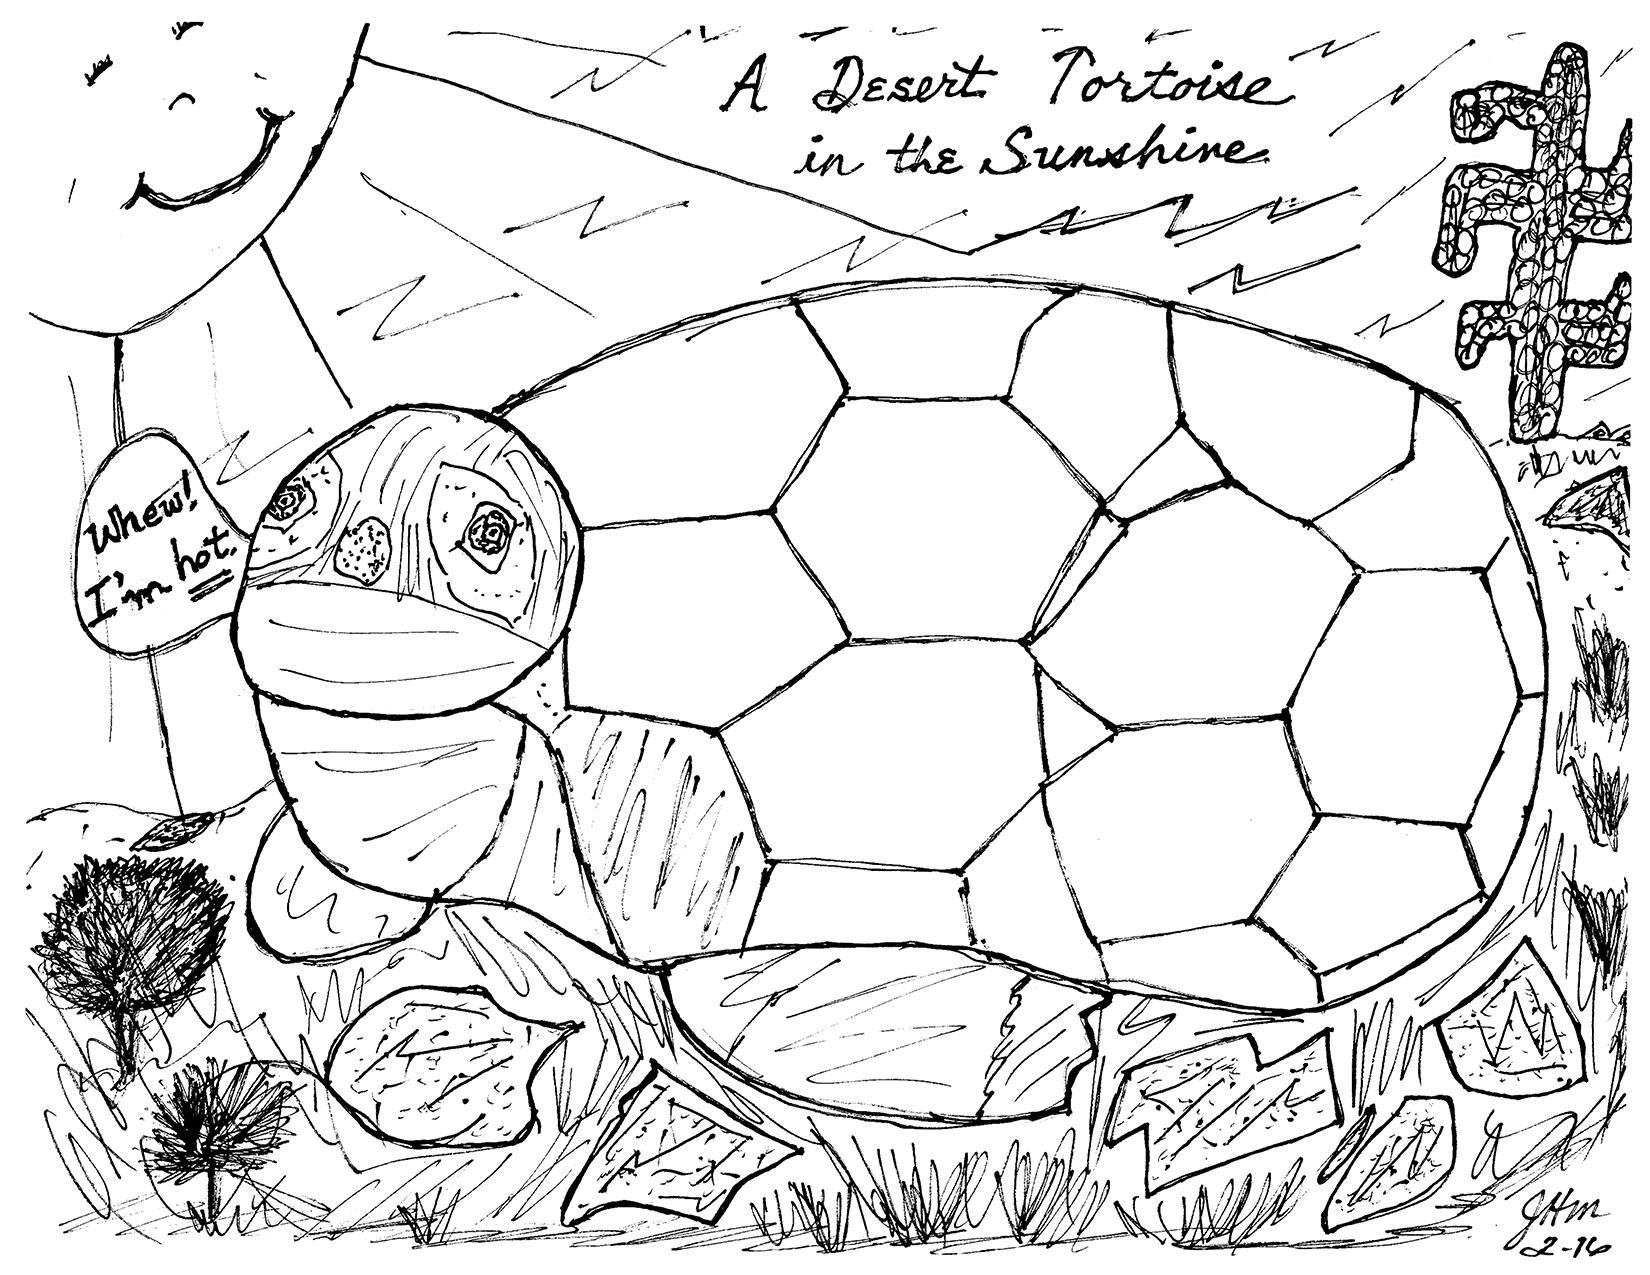 A Desert Tortoise